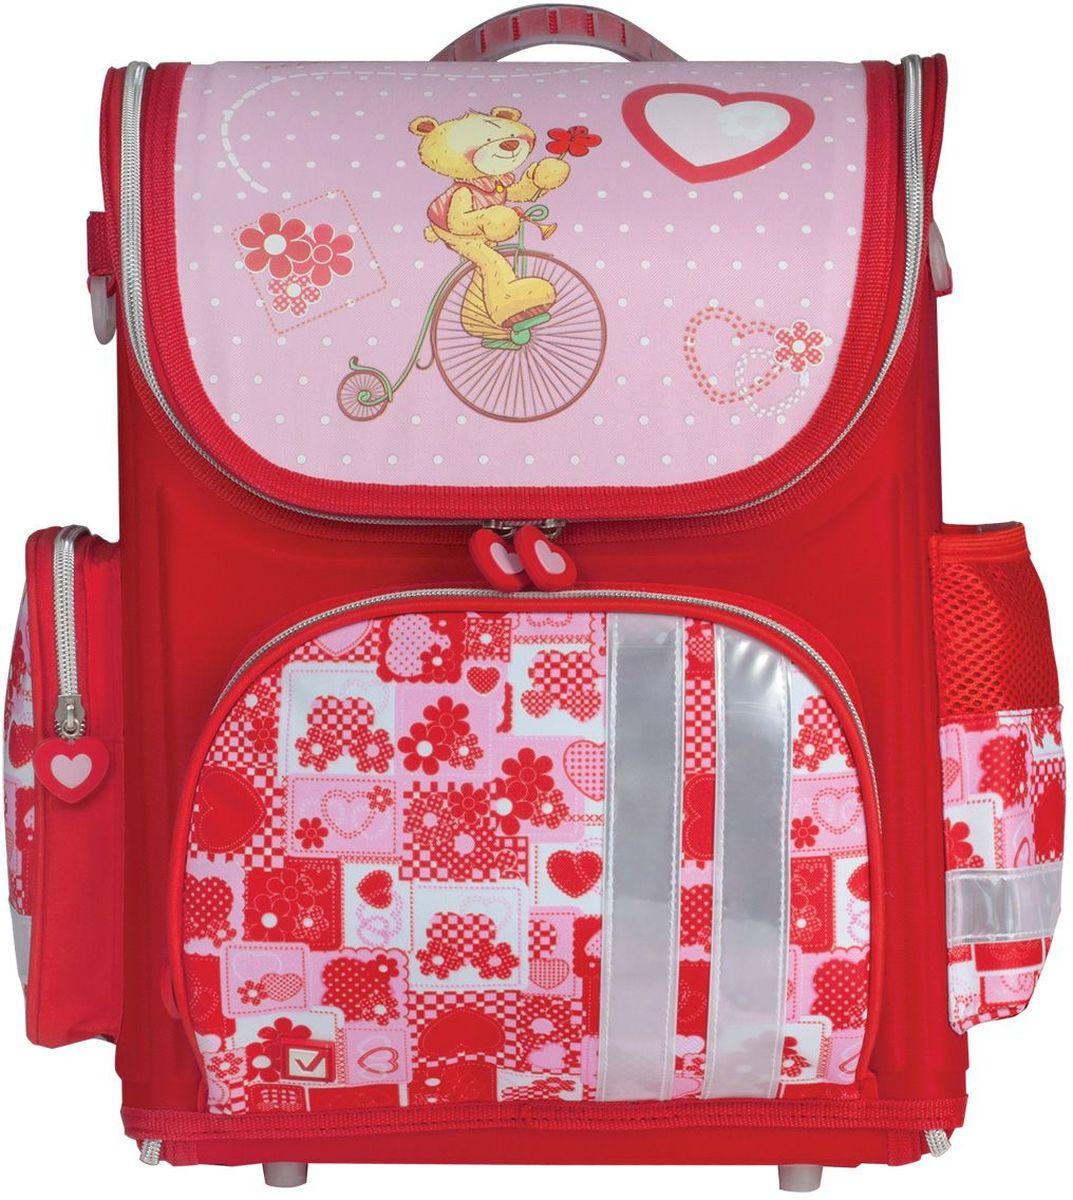 Brauberg Ранец школьный Мишка225437Ранец Мишка предназначен для девочек 7-10 лет. Он выполнен в красно-розовом цвете и дополнен необычным принтом на карманах. Благодаря такой яркой расцветке, с ранцами этой серии ребенок всегда будет выглядеть нарядно и опрятно.•1 отделение, 3 кармана. •Полностью раскладывается на 180°. •Формоустойчивая спинка из EVA. •Светоотражающие элементы. •Широкие регулируемые лямки. •Пластиковые ножки. •Расписание уроков. •Размер: 37х29х17 см. •Объем: 20 л. •Вес ранца - 0,87 кг.